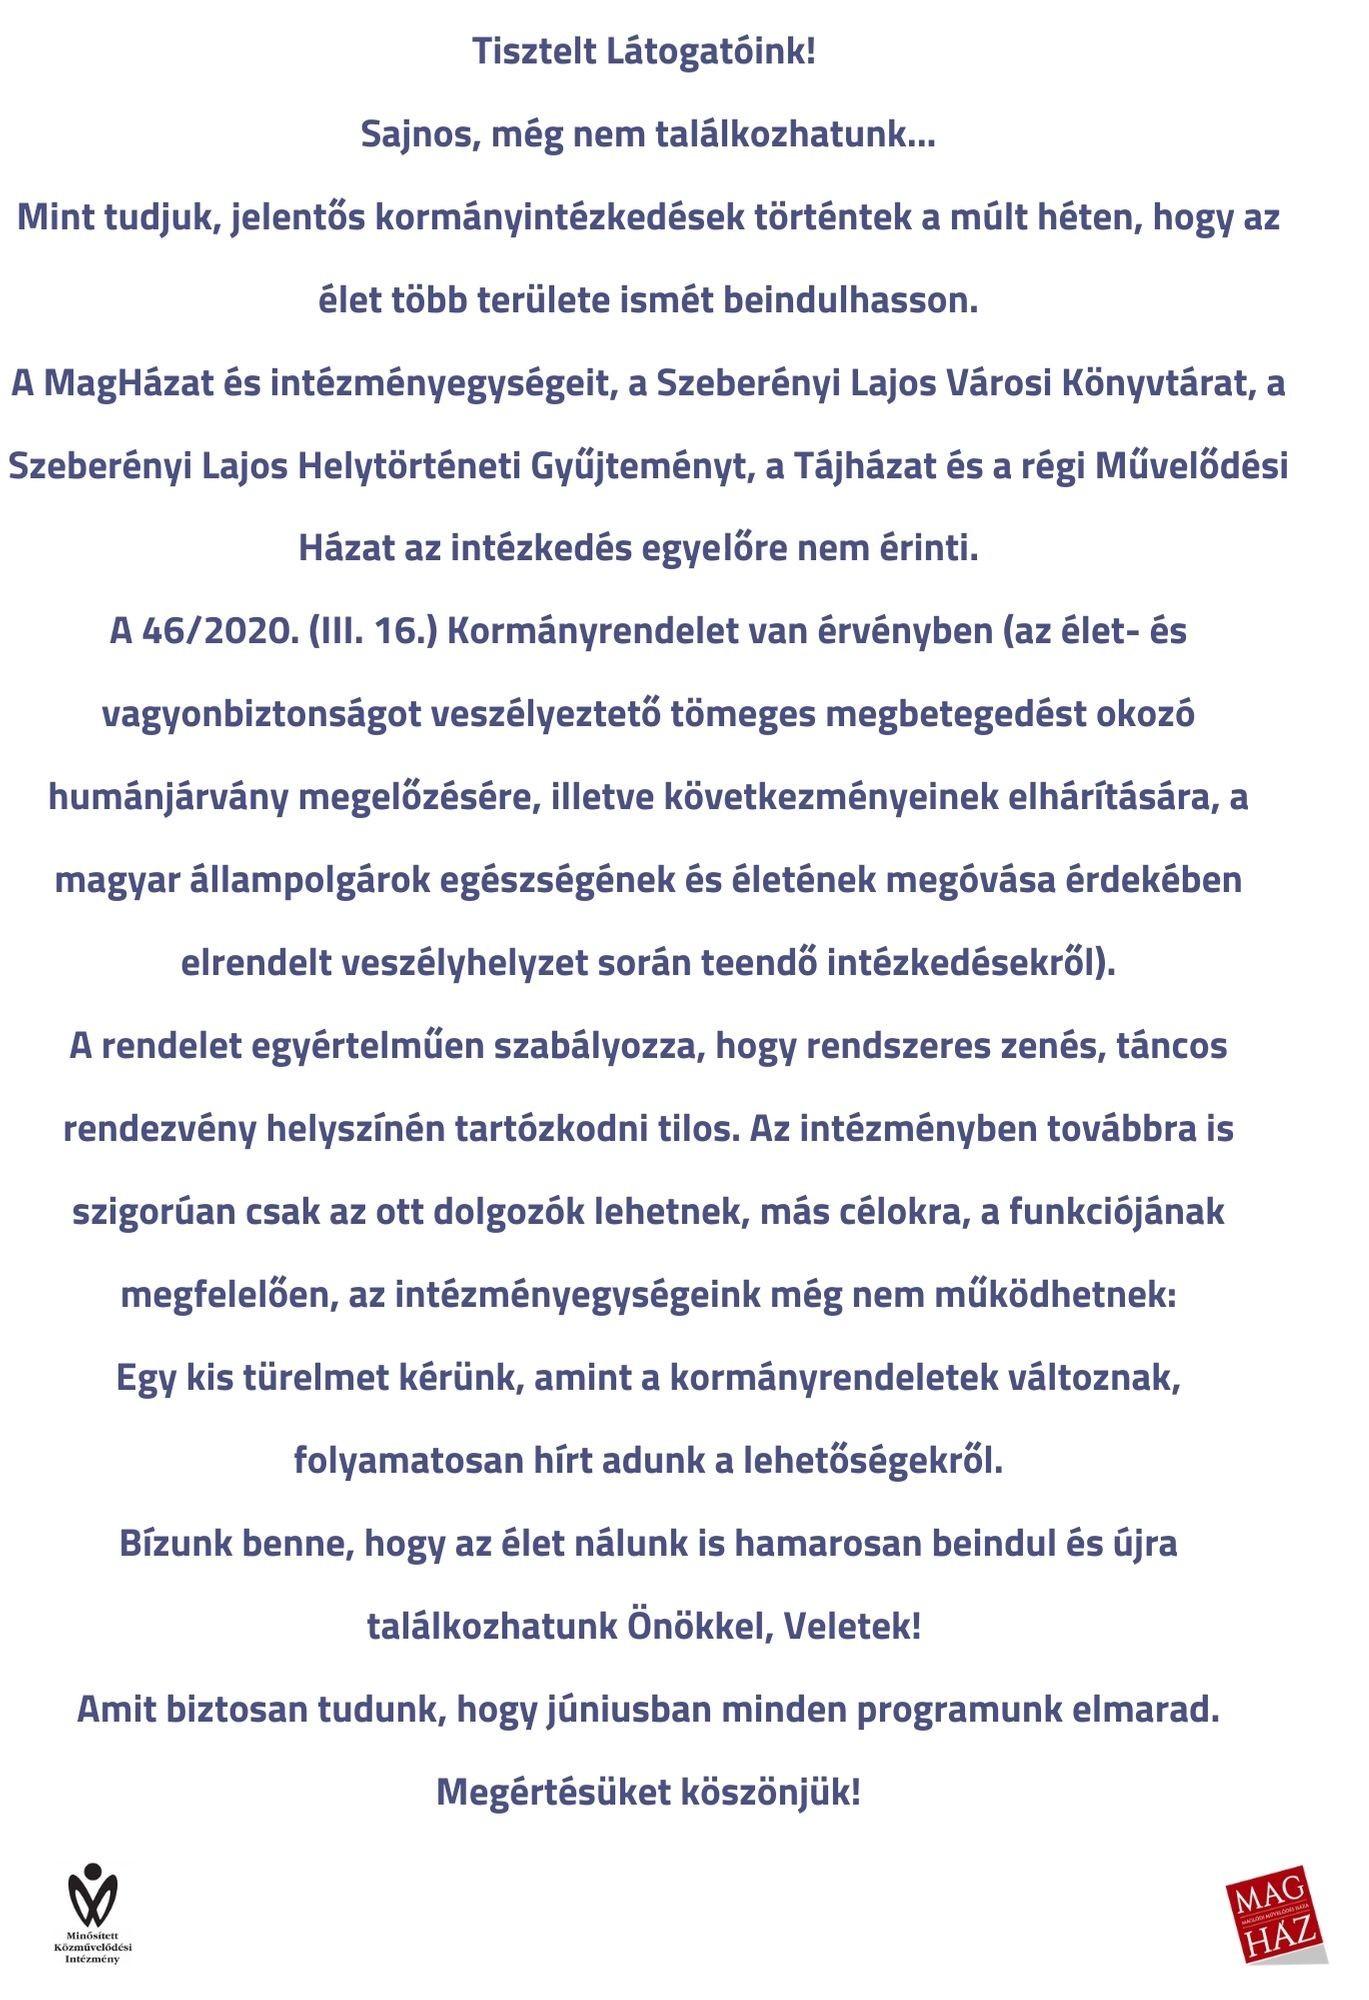 Tájékoztatás - 2020.05.18.